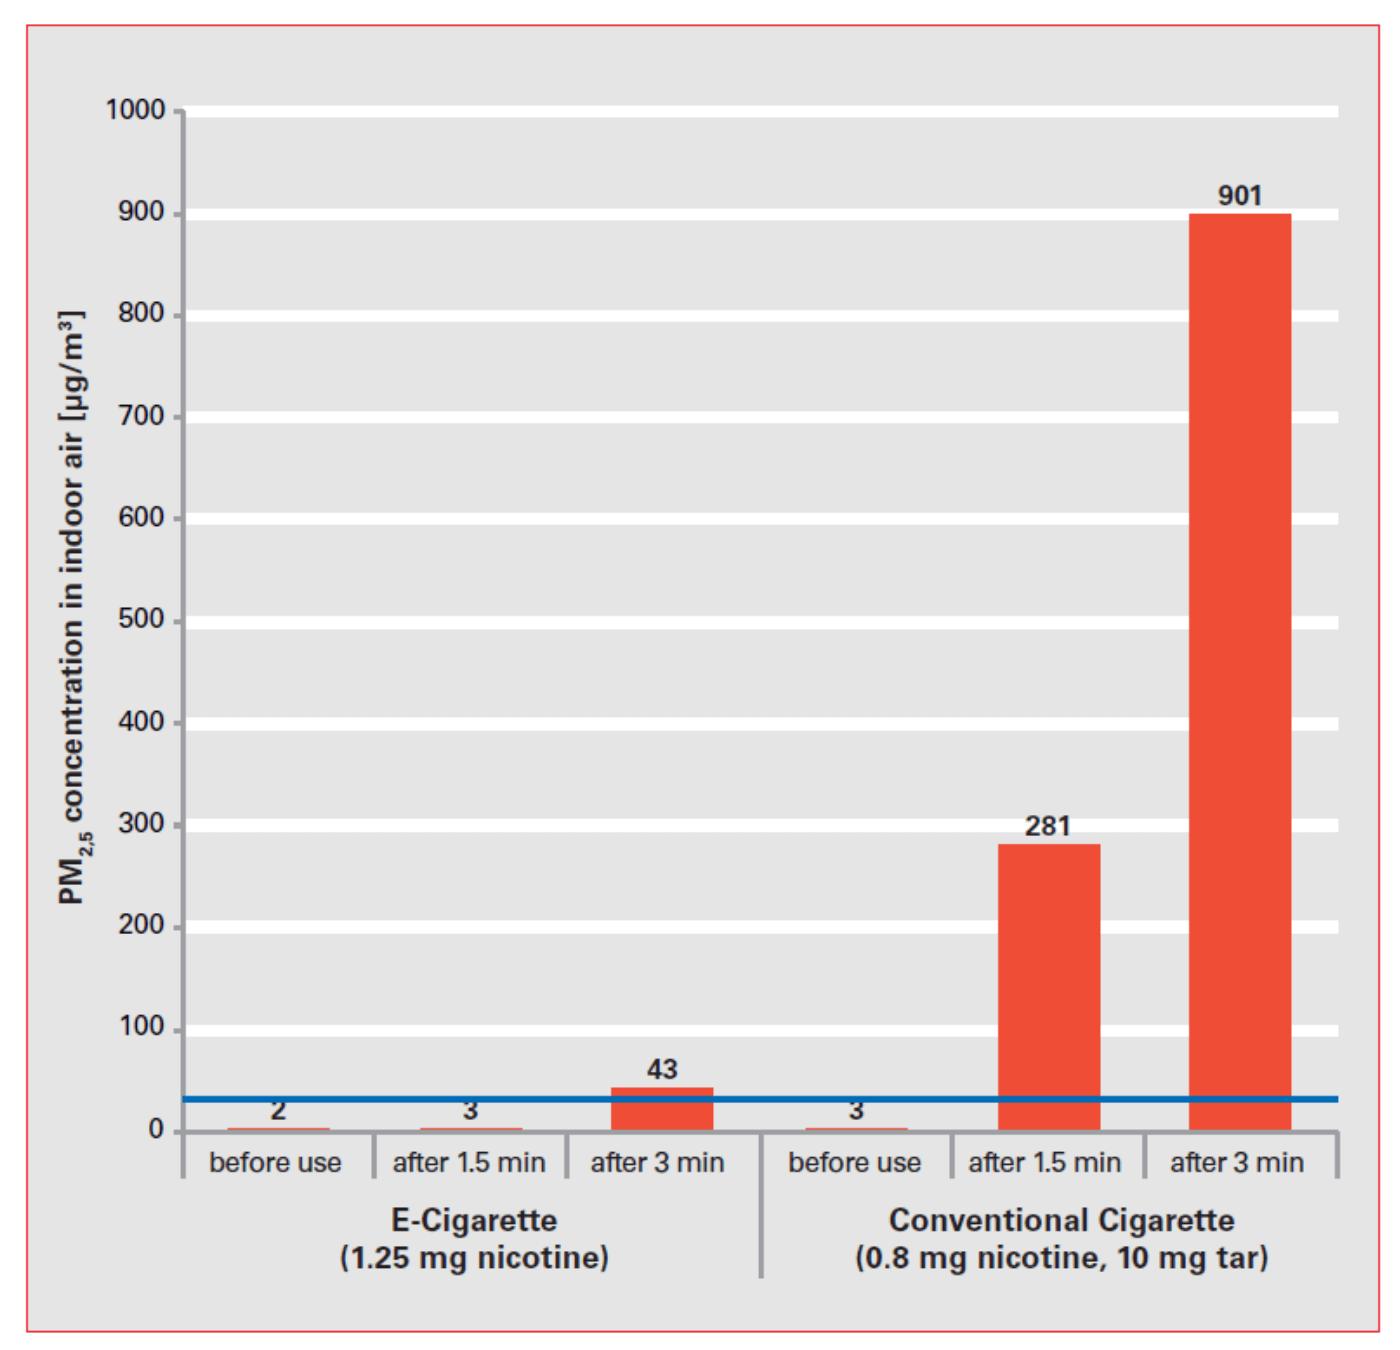 Graf 2: Koncentrace částic ve vnitřním vzduchu před a po užití e-cigarety (vlevo) a před a po užití klasické cigarety (vpravo).